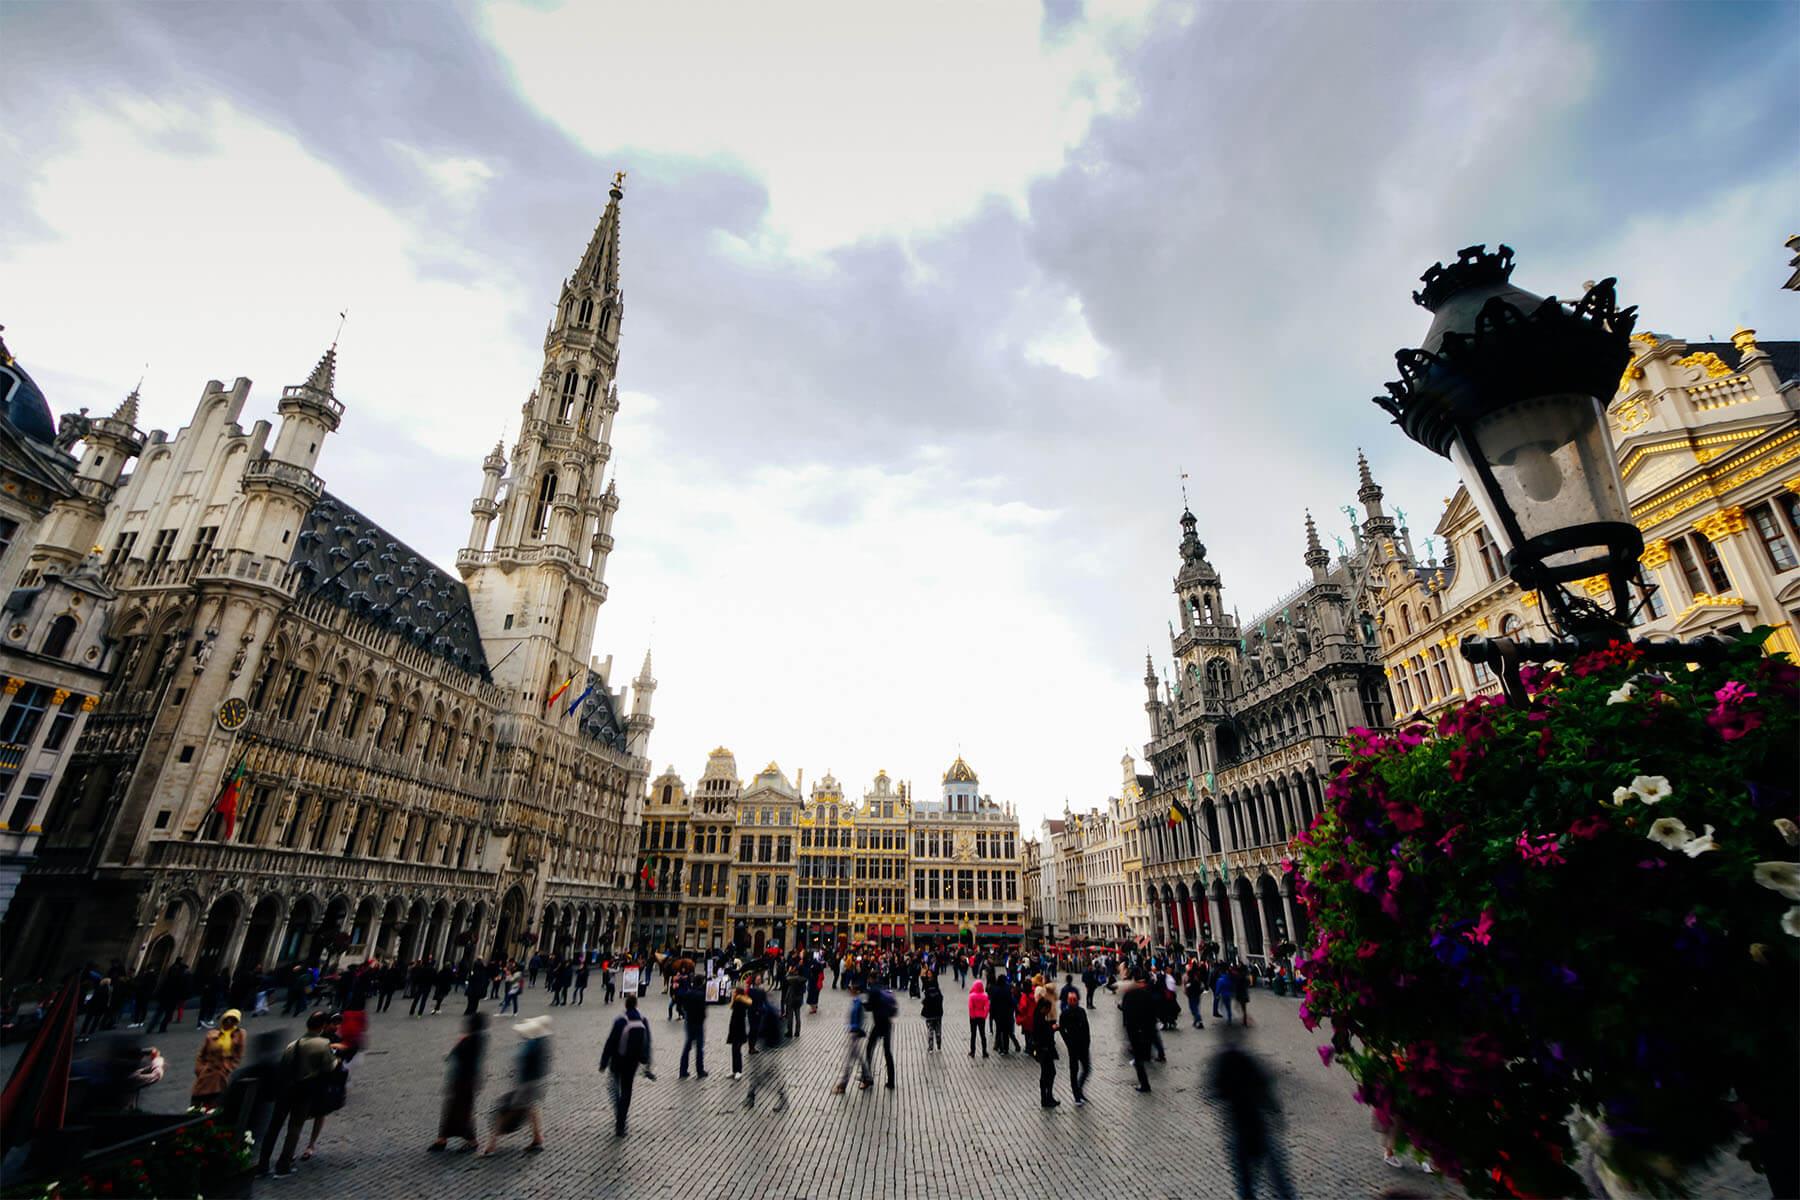 زتور فرانسه – بلژیک – هلند 11 روزه تابستان 98